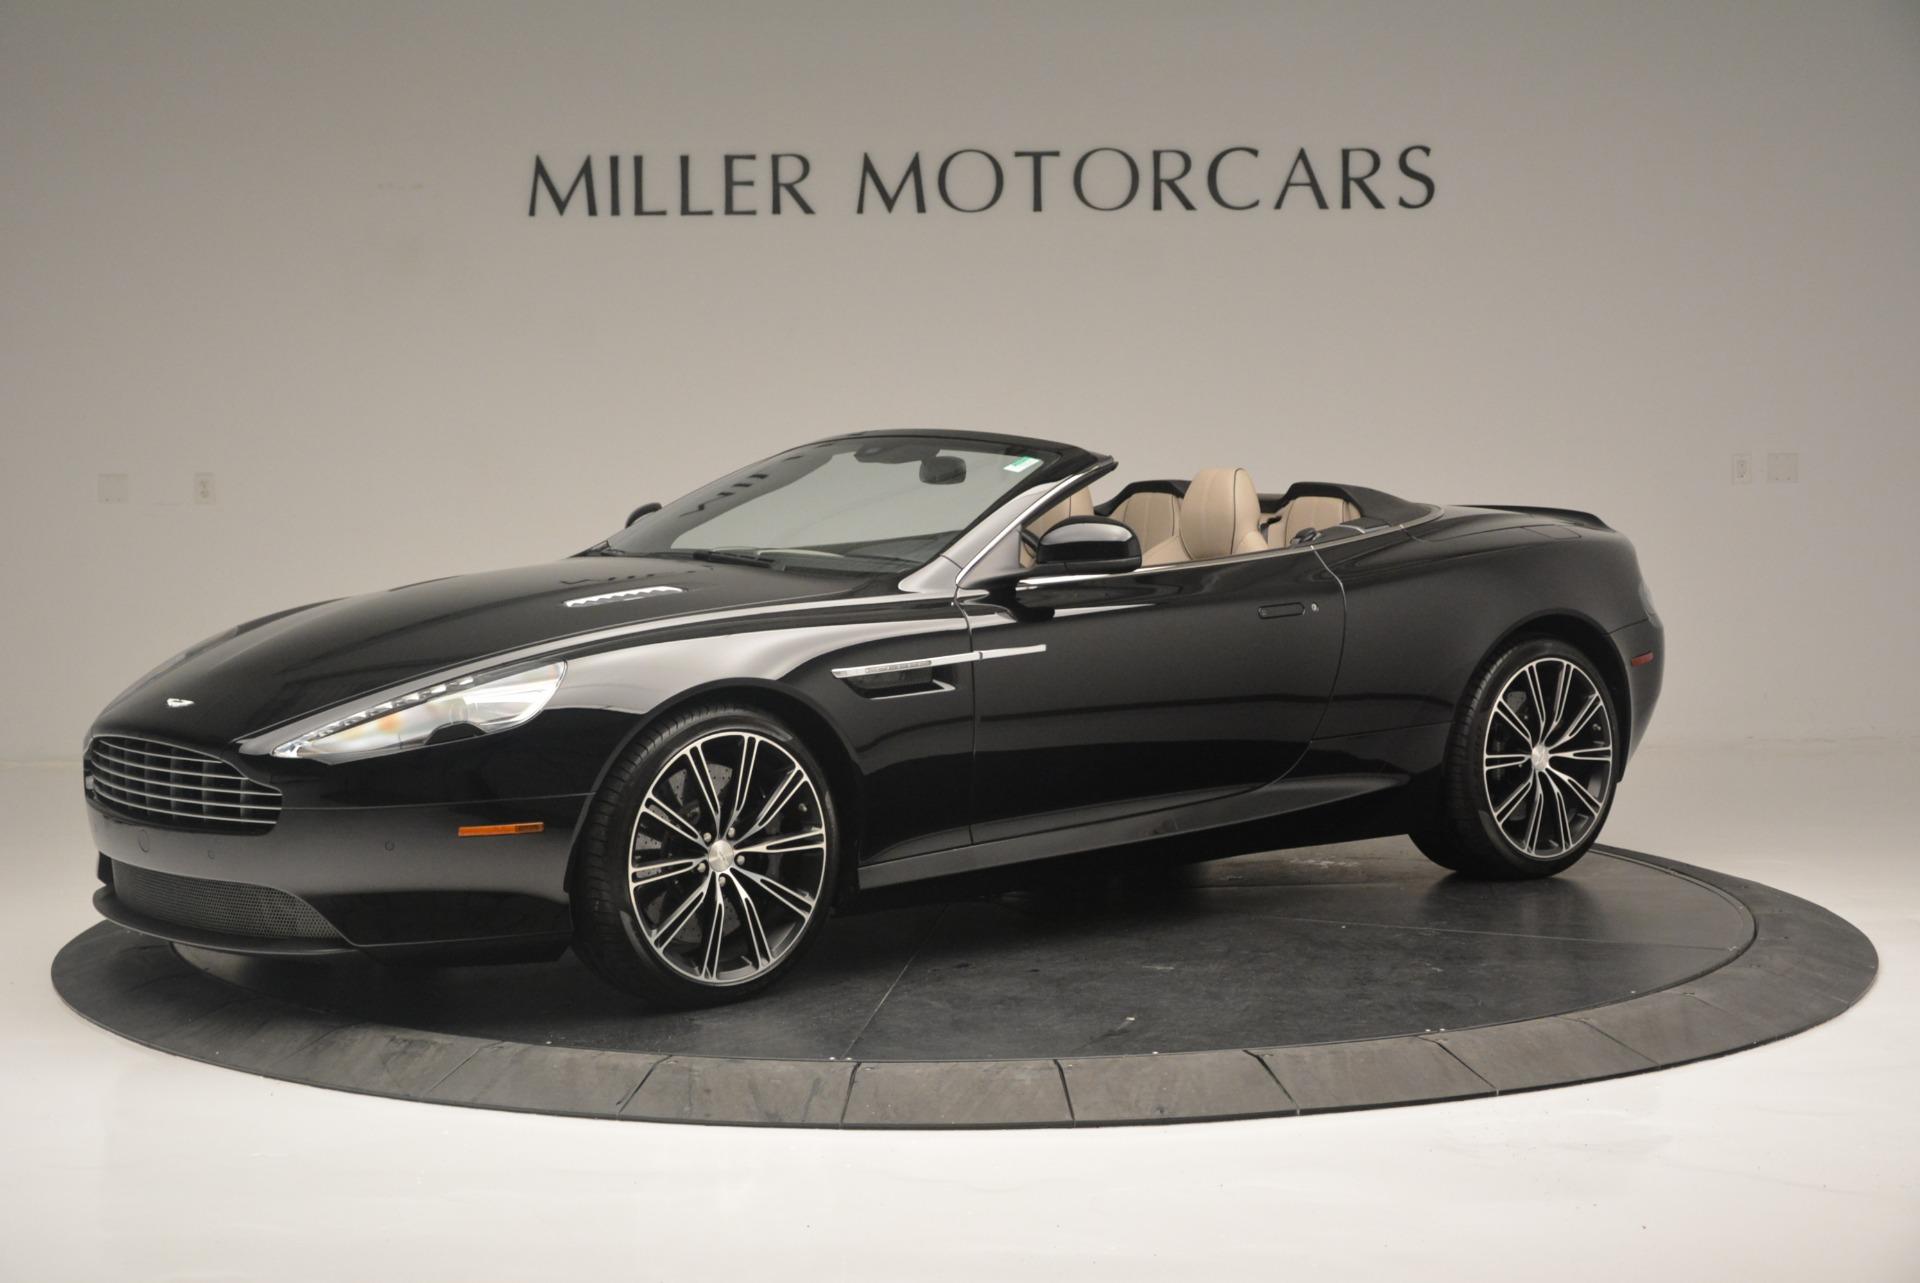 Used 2015 Aston Martin DB9 Volante For Sale In Greenwich, CT. Alfa Romeo of Greenwich, 7389 2318_p2